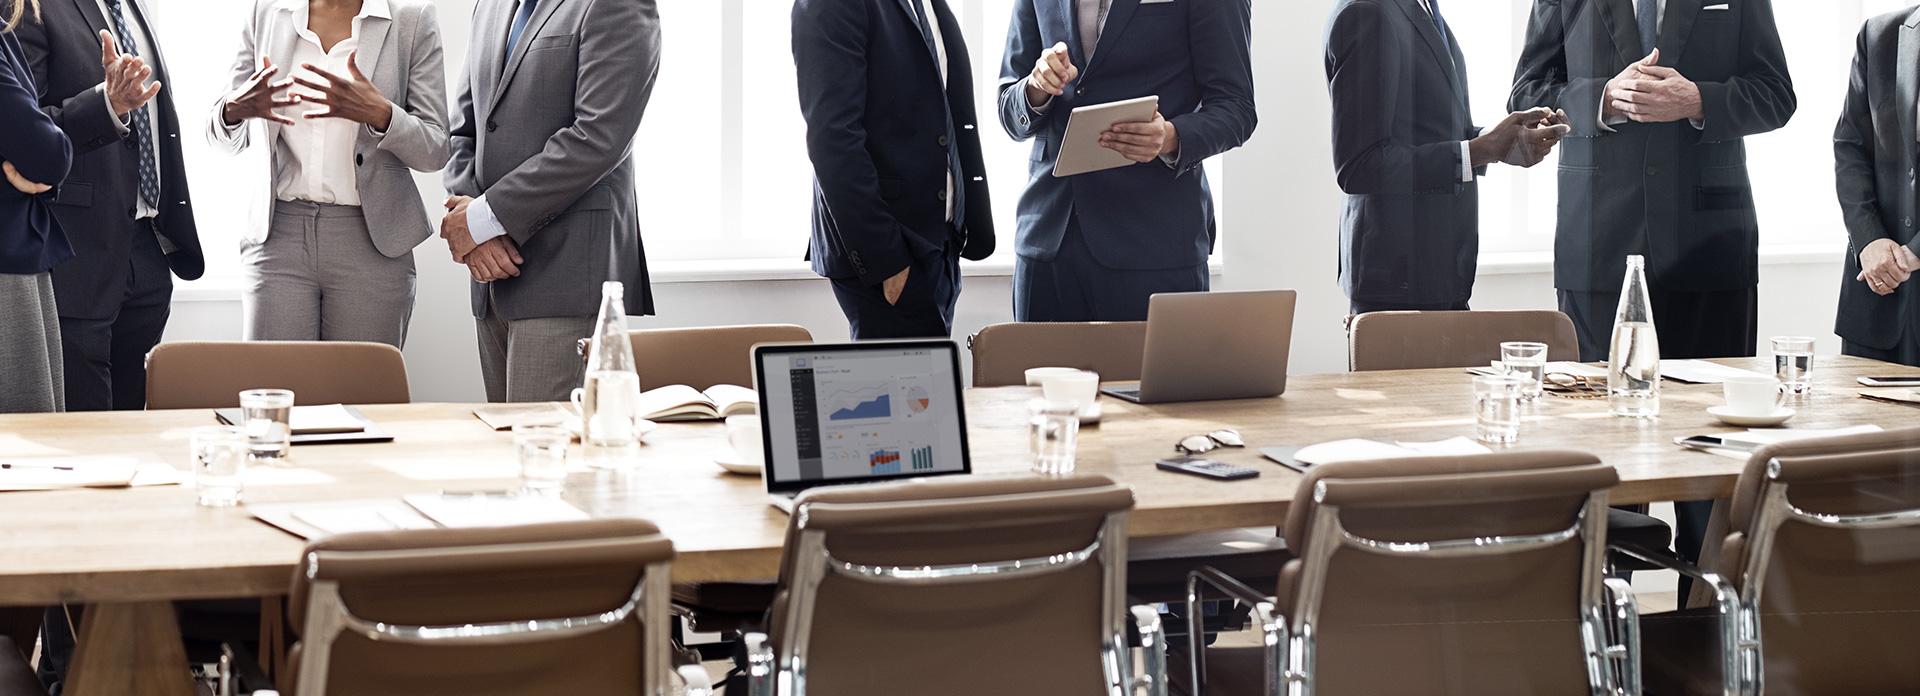 Création d'entreprises - Cabinet Sallaberry – Experts comptables à Bayonne, Tarbes et Ondres